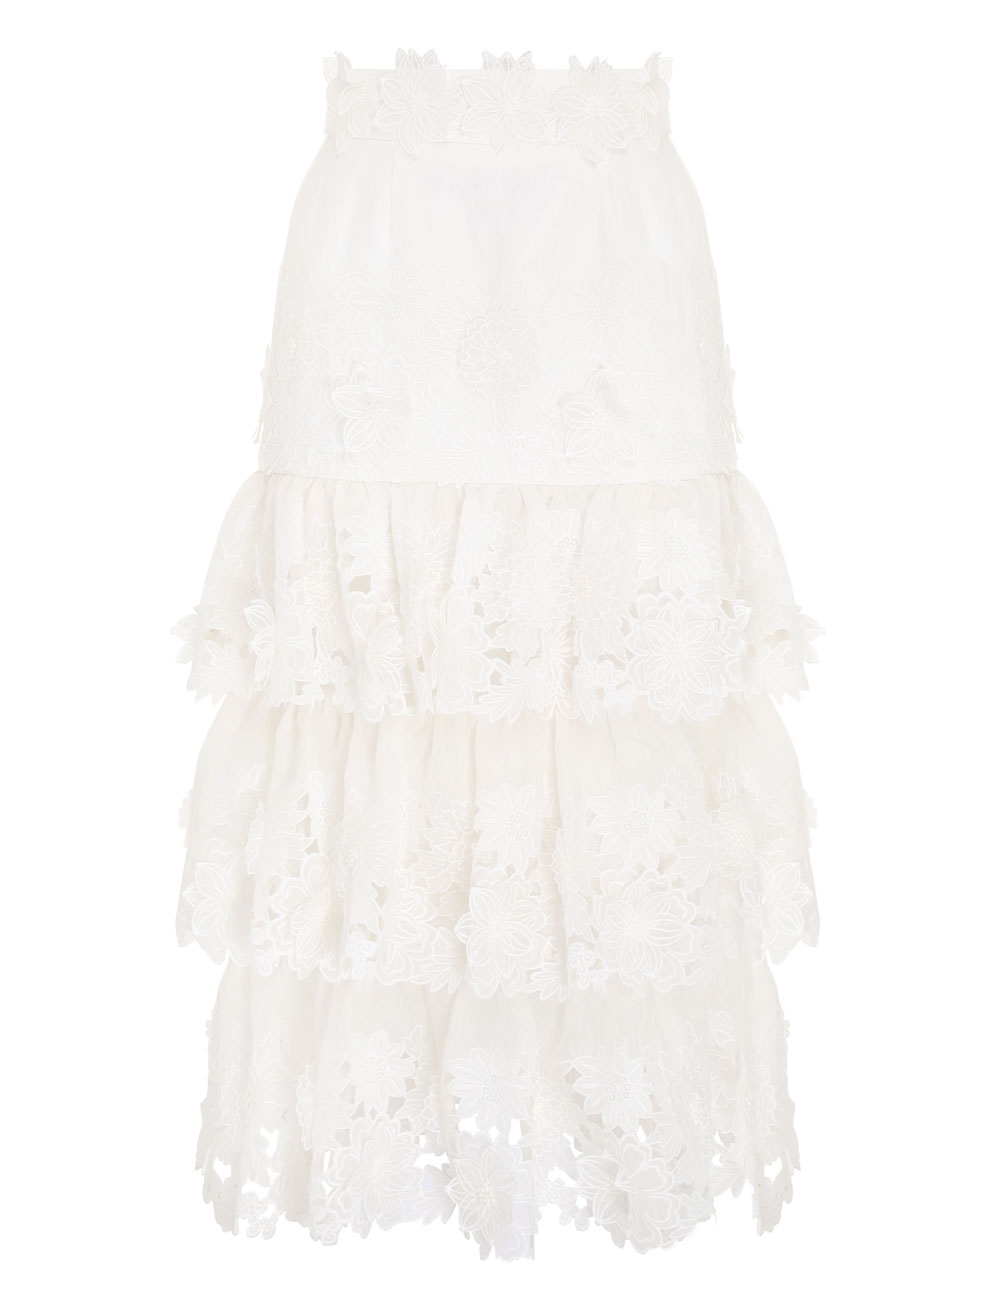 The Lovestruck Midi Skirt